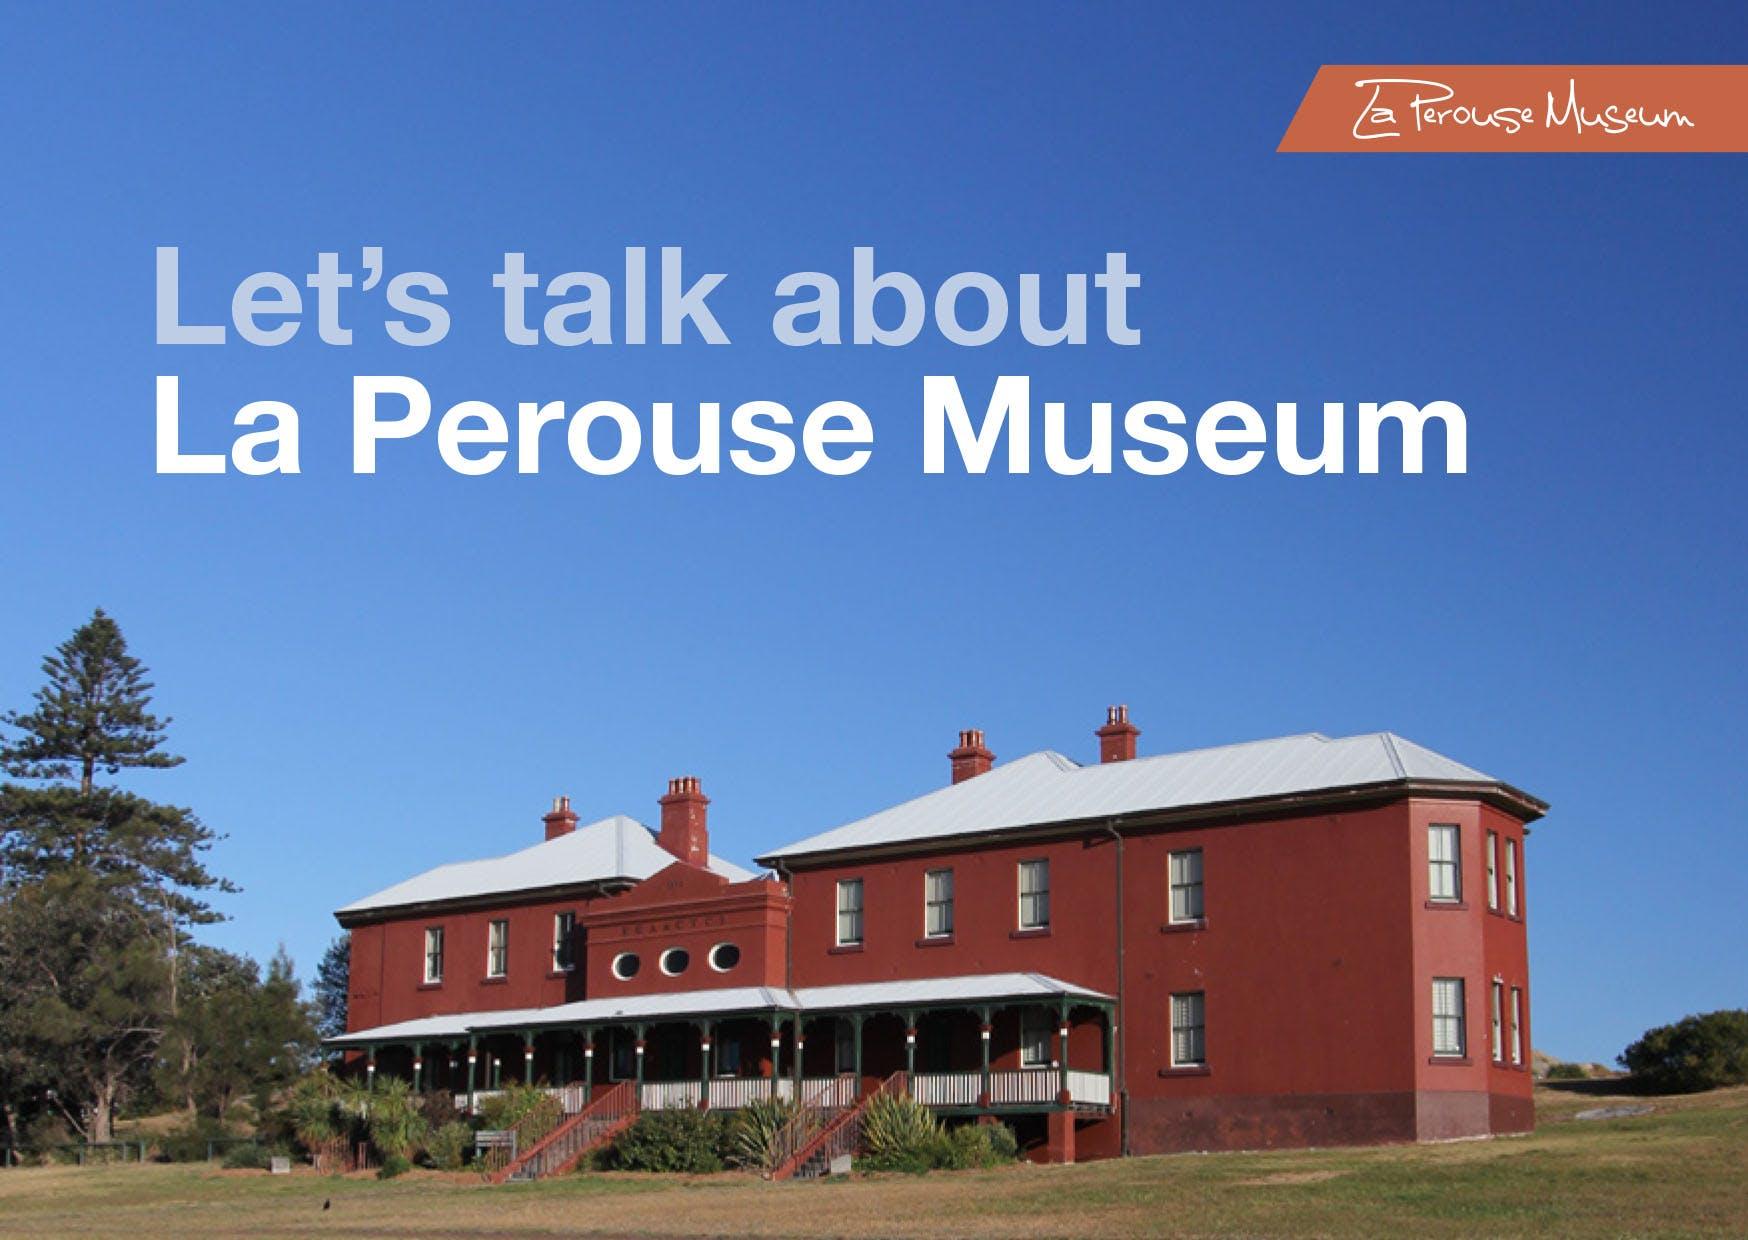 La Perouse Museum Consultation